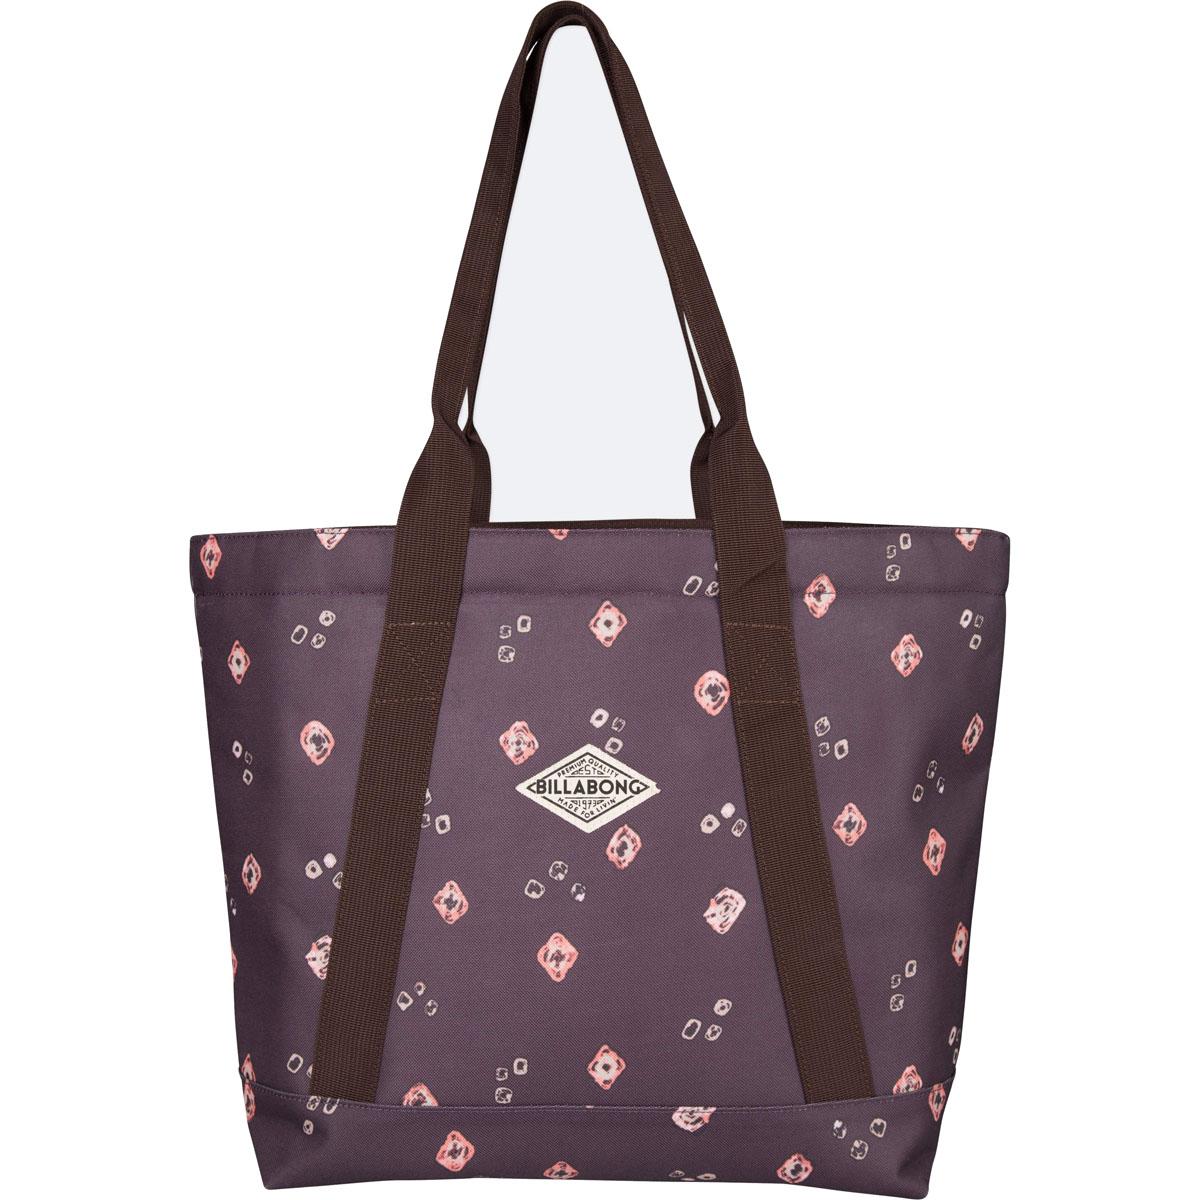 Сумка женская Billabong Erasun, цвет: светло-бордовый , 20 л. Z9BG01Z9BG01Вместительная сумка Billabong Erasun, обеспечивающая такую же вместимость, что и любимая пляжная сумка, но предлагающая городской функционал. Застежка на молнии сохранит все Ваши вещи в целости, а внутренний карман и отсек для ноутбука позволят правильно организовать пространство для переноски вещей.